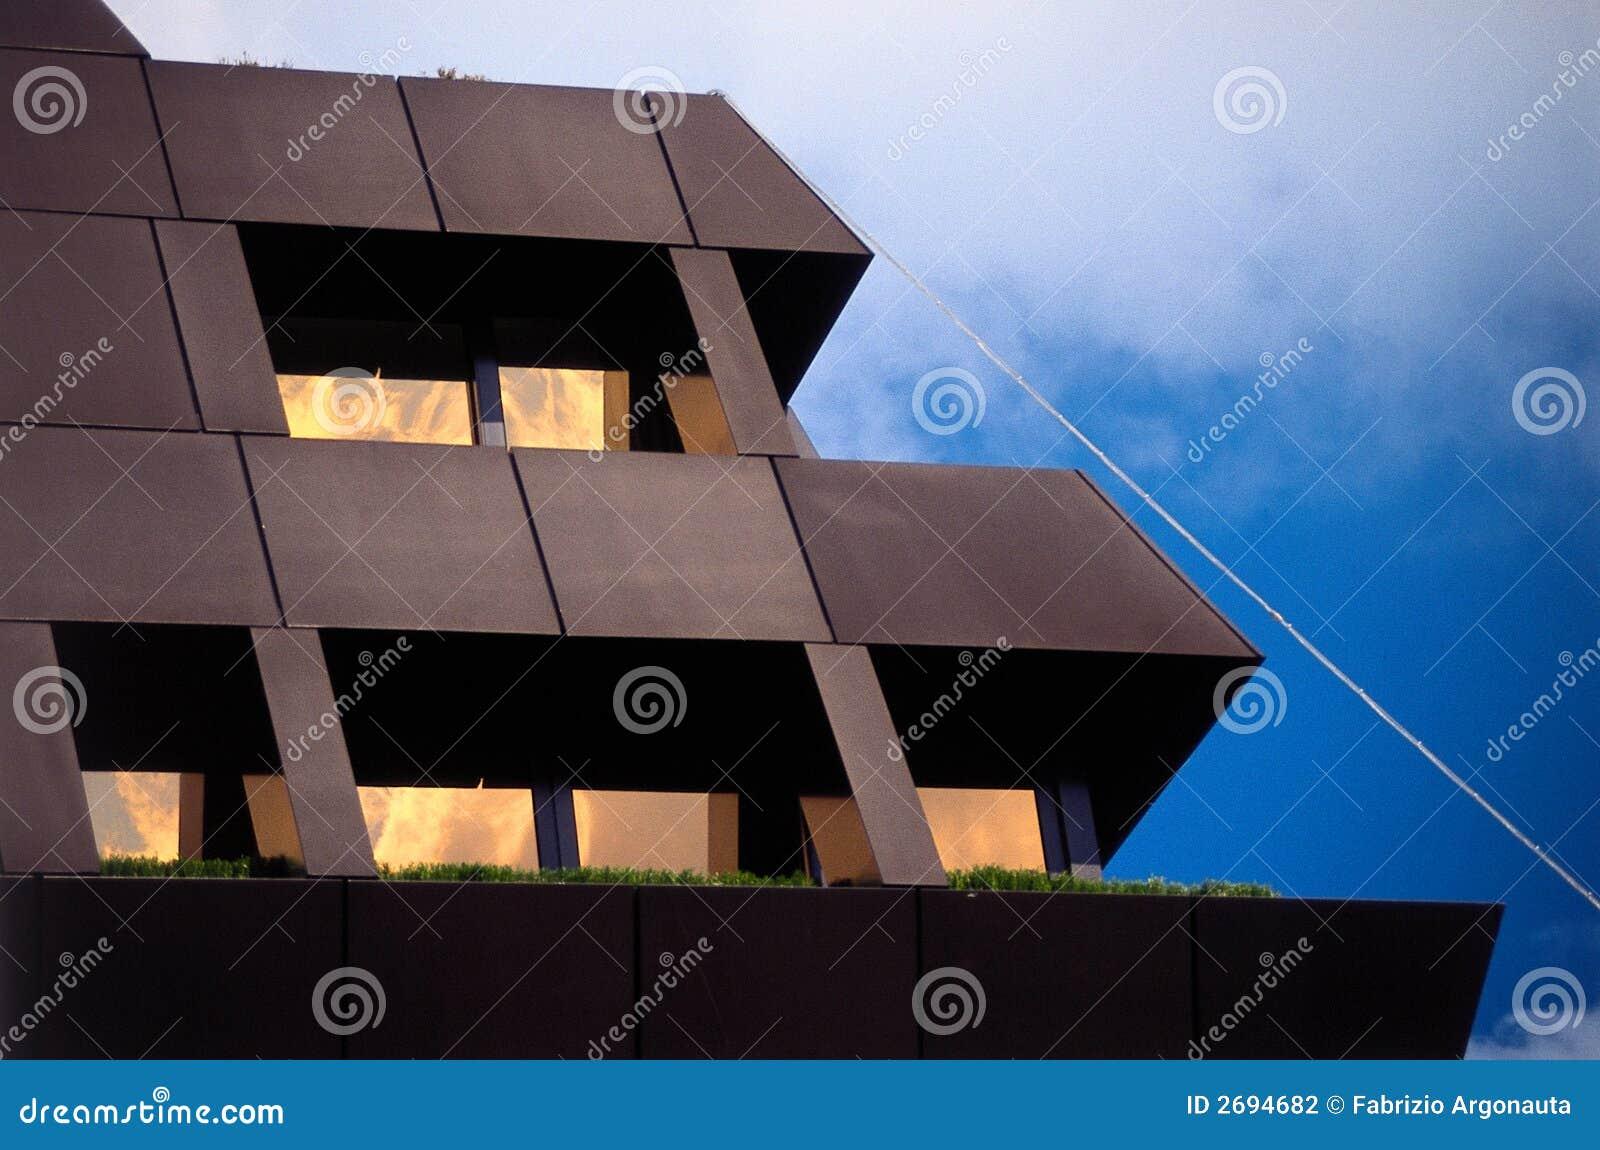 Modern Architecture Zurich modern architecture in zurich stock photography - image: 2694682